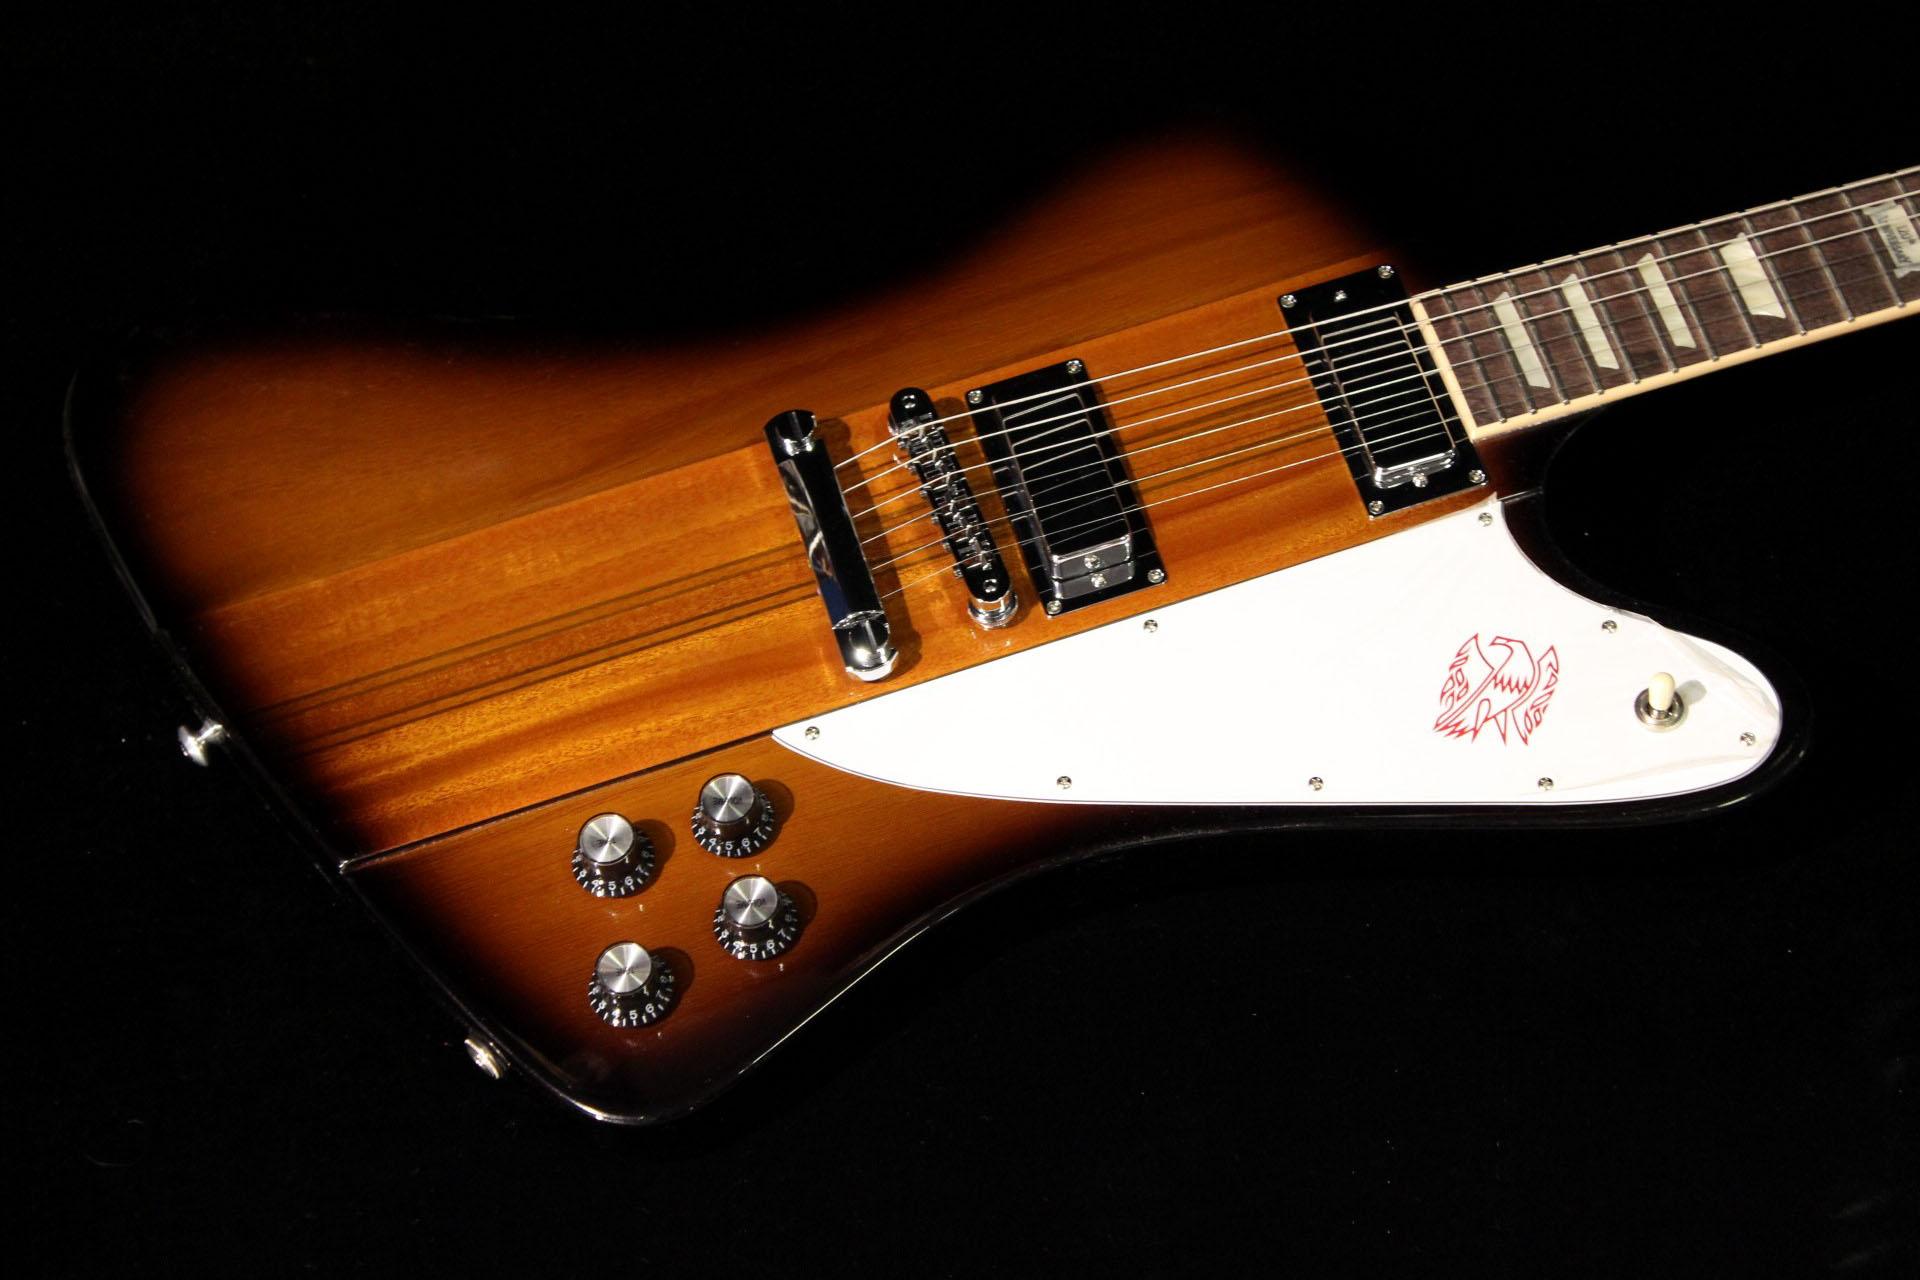 Gibson Firebird 2014 Vintage Sunburst Sn 140020602